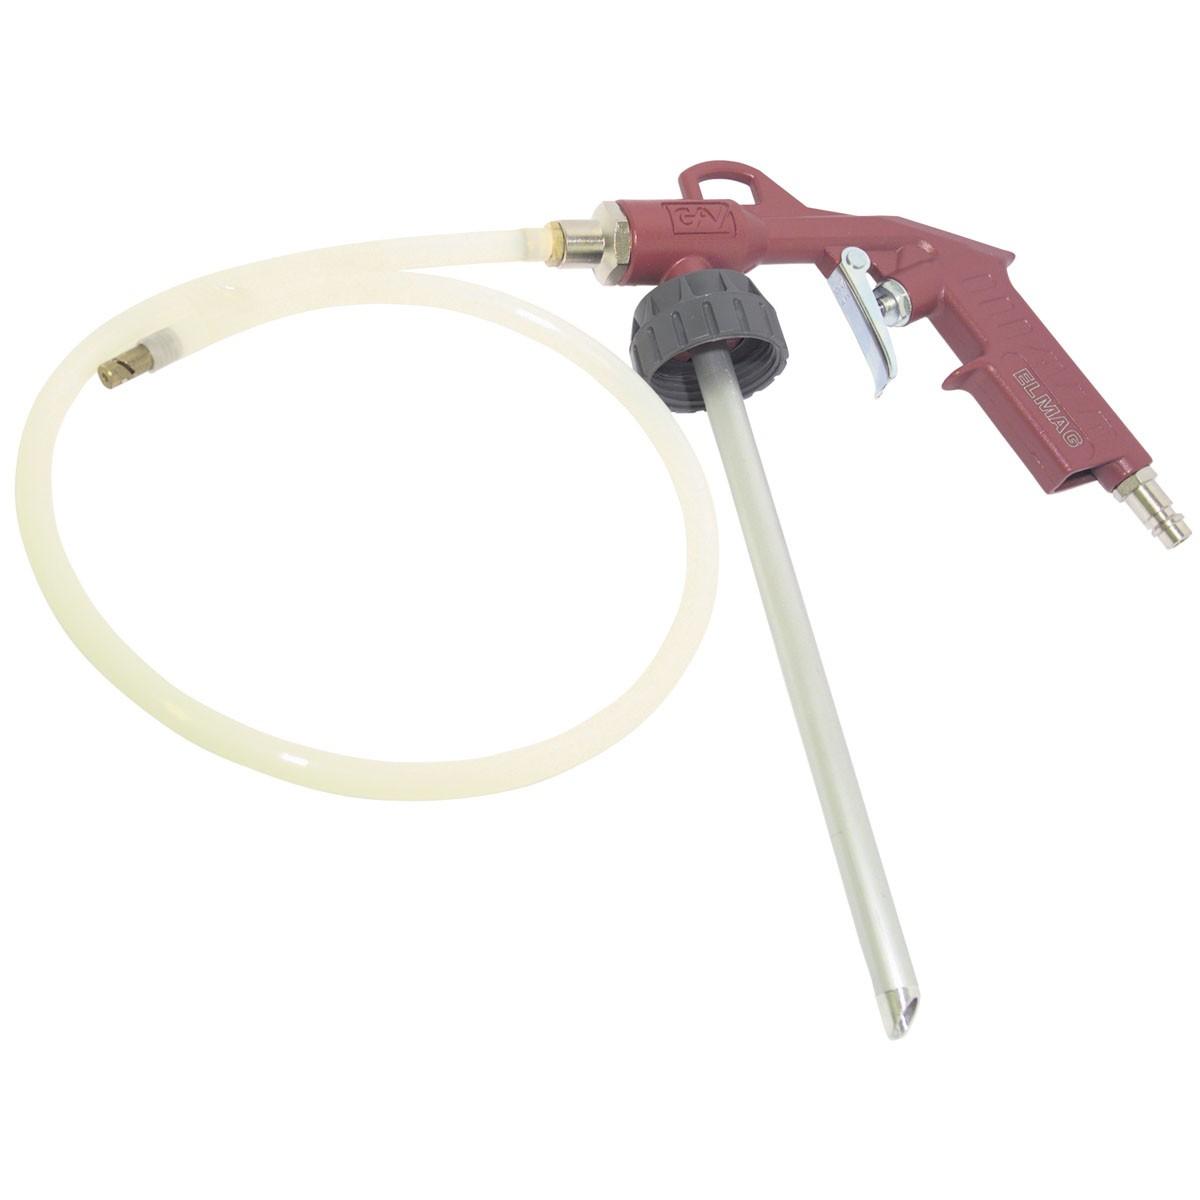 ELMAG Unterbodenschutz-Sprühpistole Modell 167